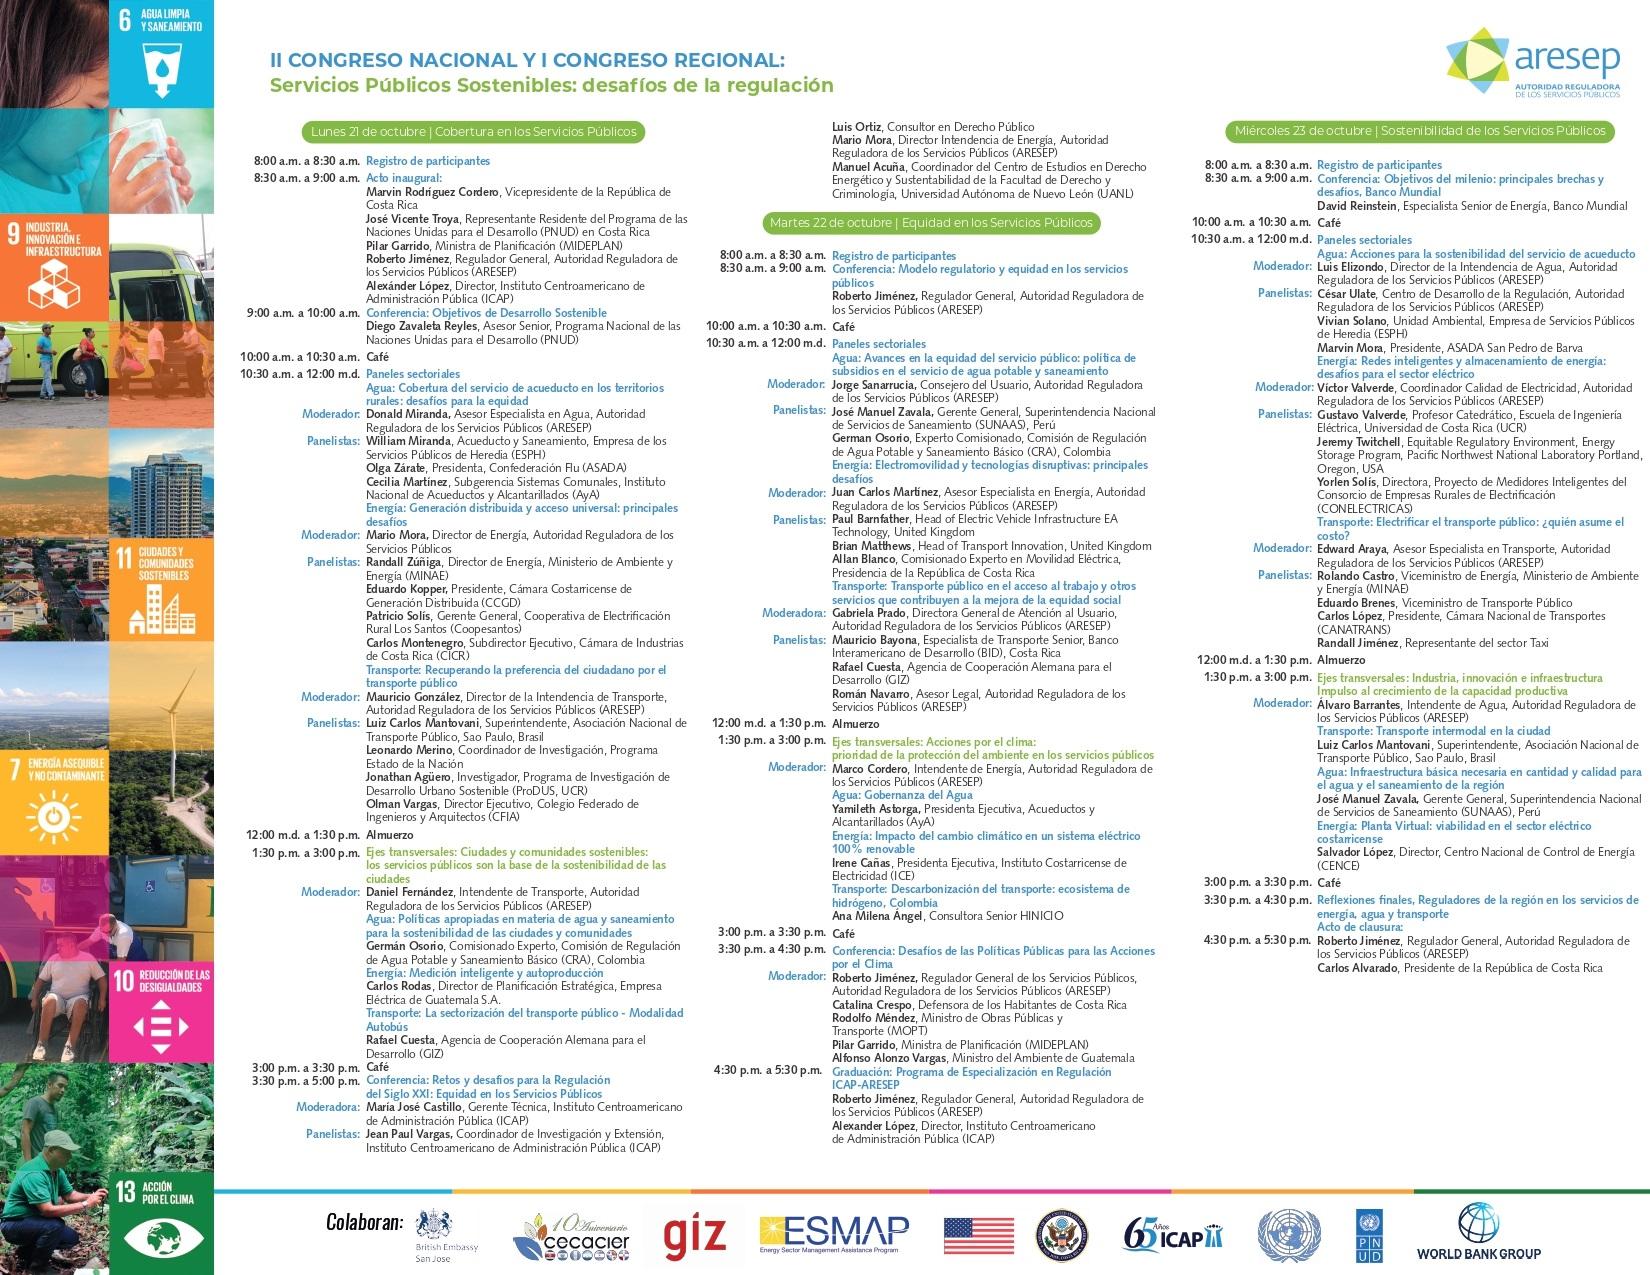 Agenda del Congreso ARESEP (16-10-2019)